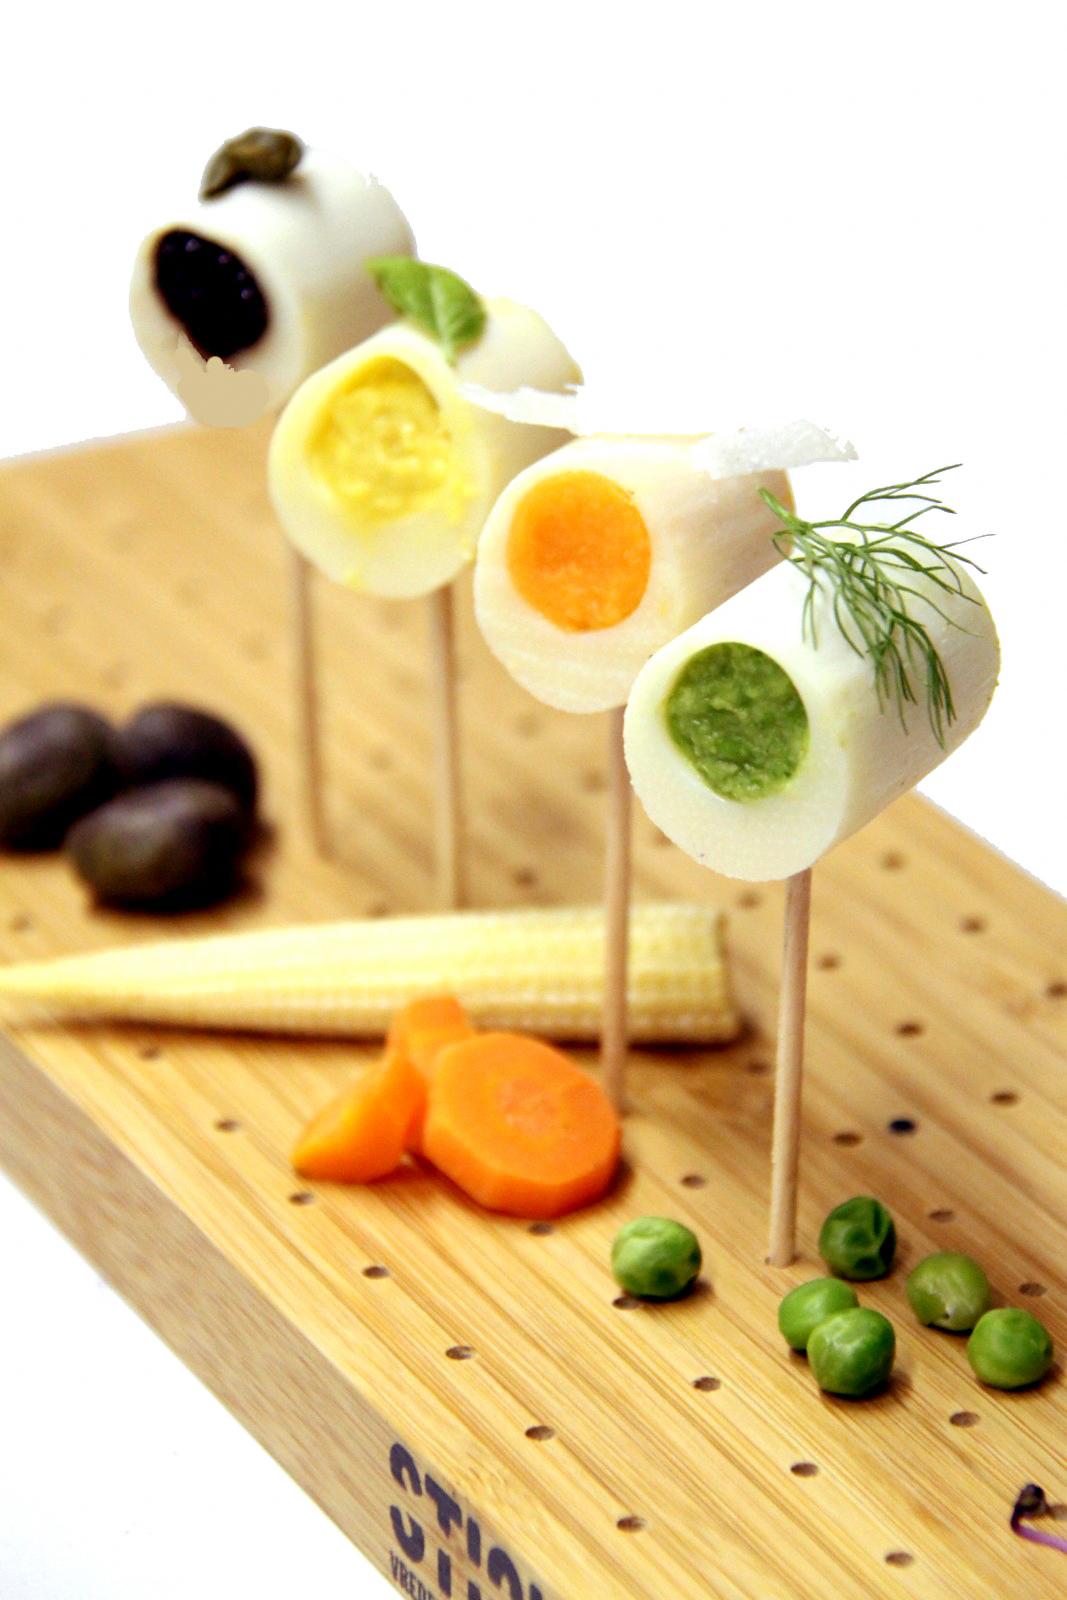 Squisitoo haut les c urs de palmier inspired by chef for Alinea chef de cuisine